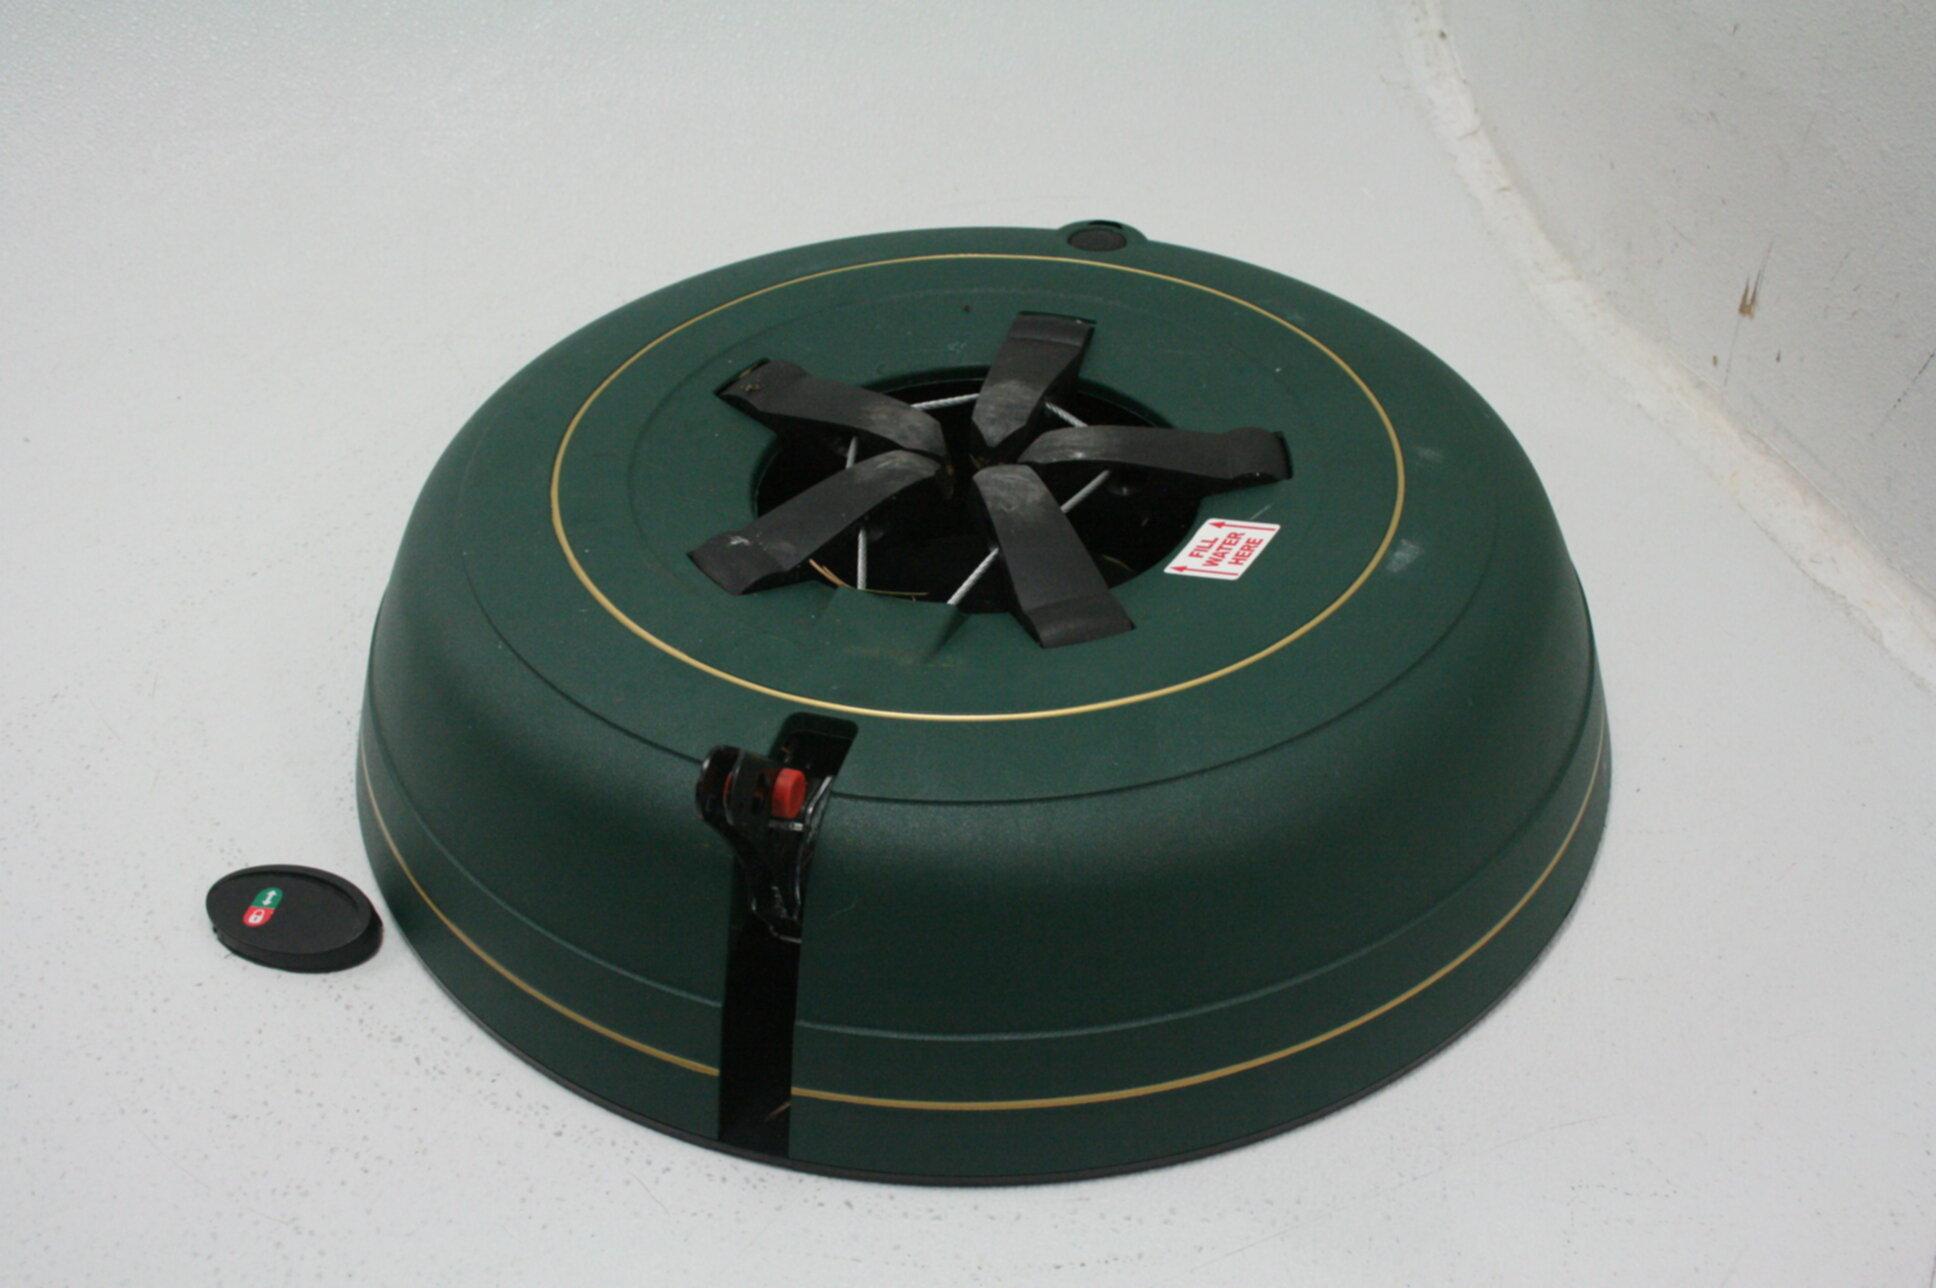 Krinner Tree Genie Tree Genie XXL Christmas Tree Stand Green Automatic Green   eBay